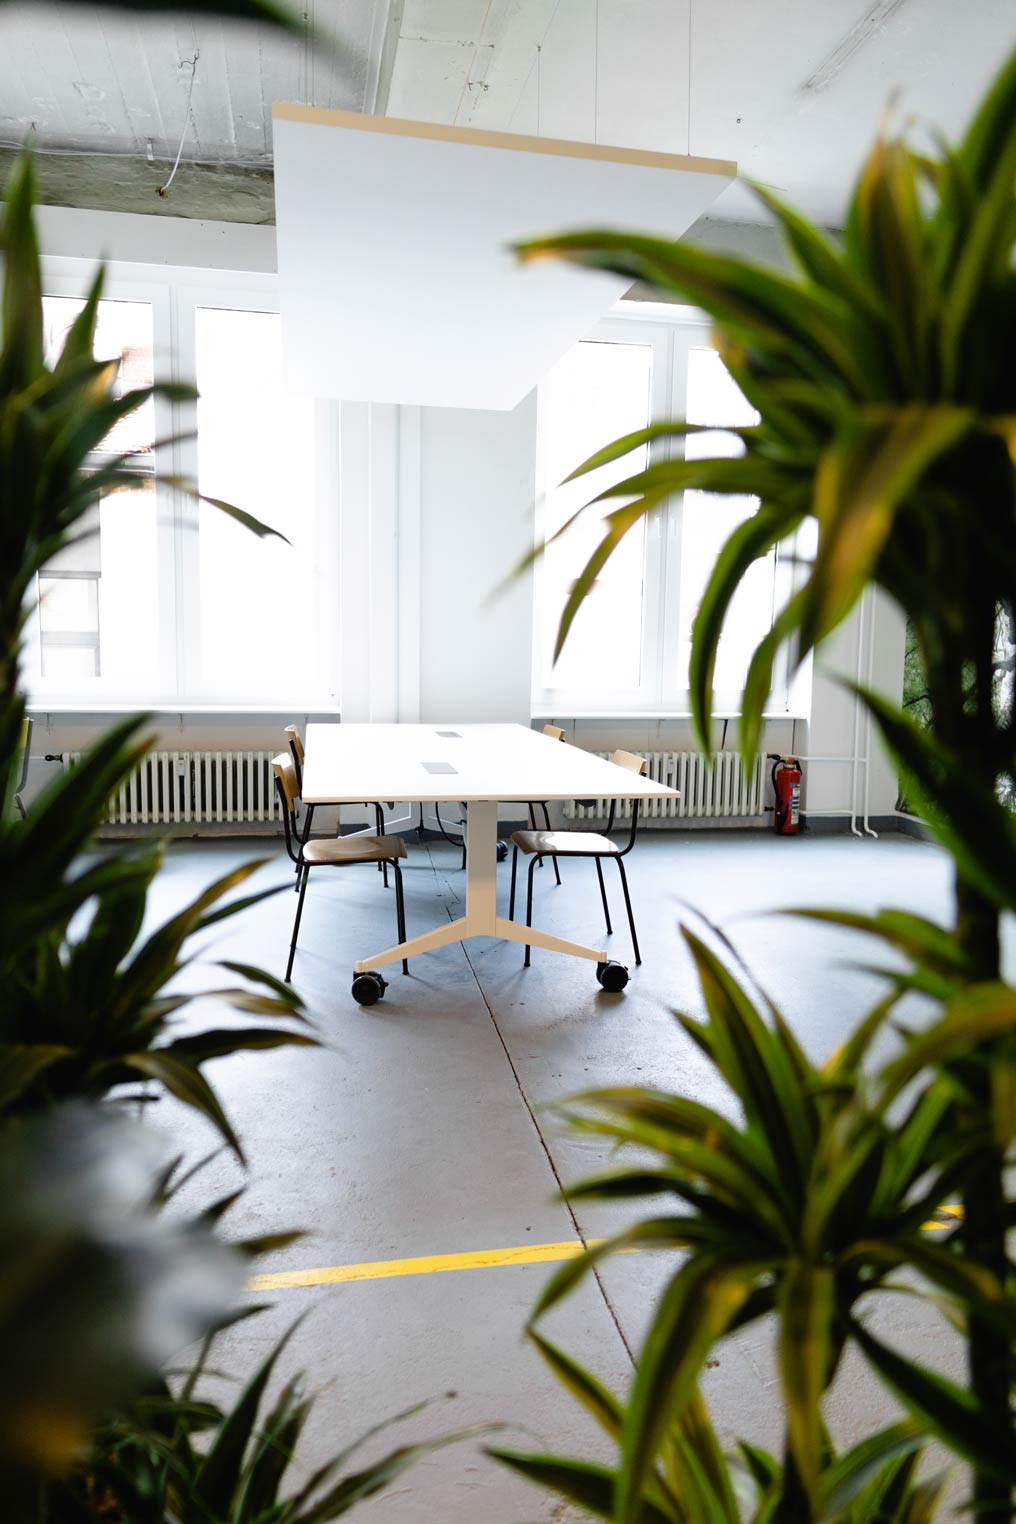 Pflanzen  lockern das industrielle Flair des Gebäudes auf